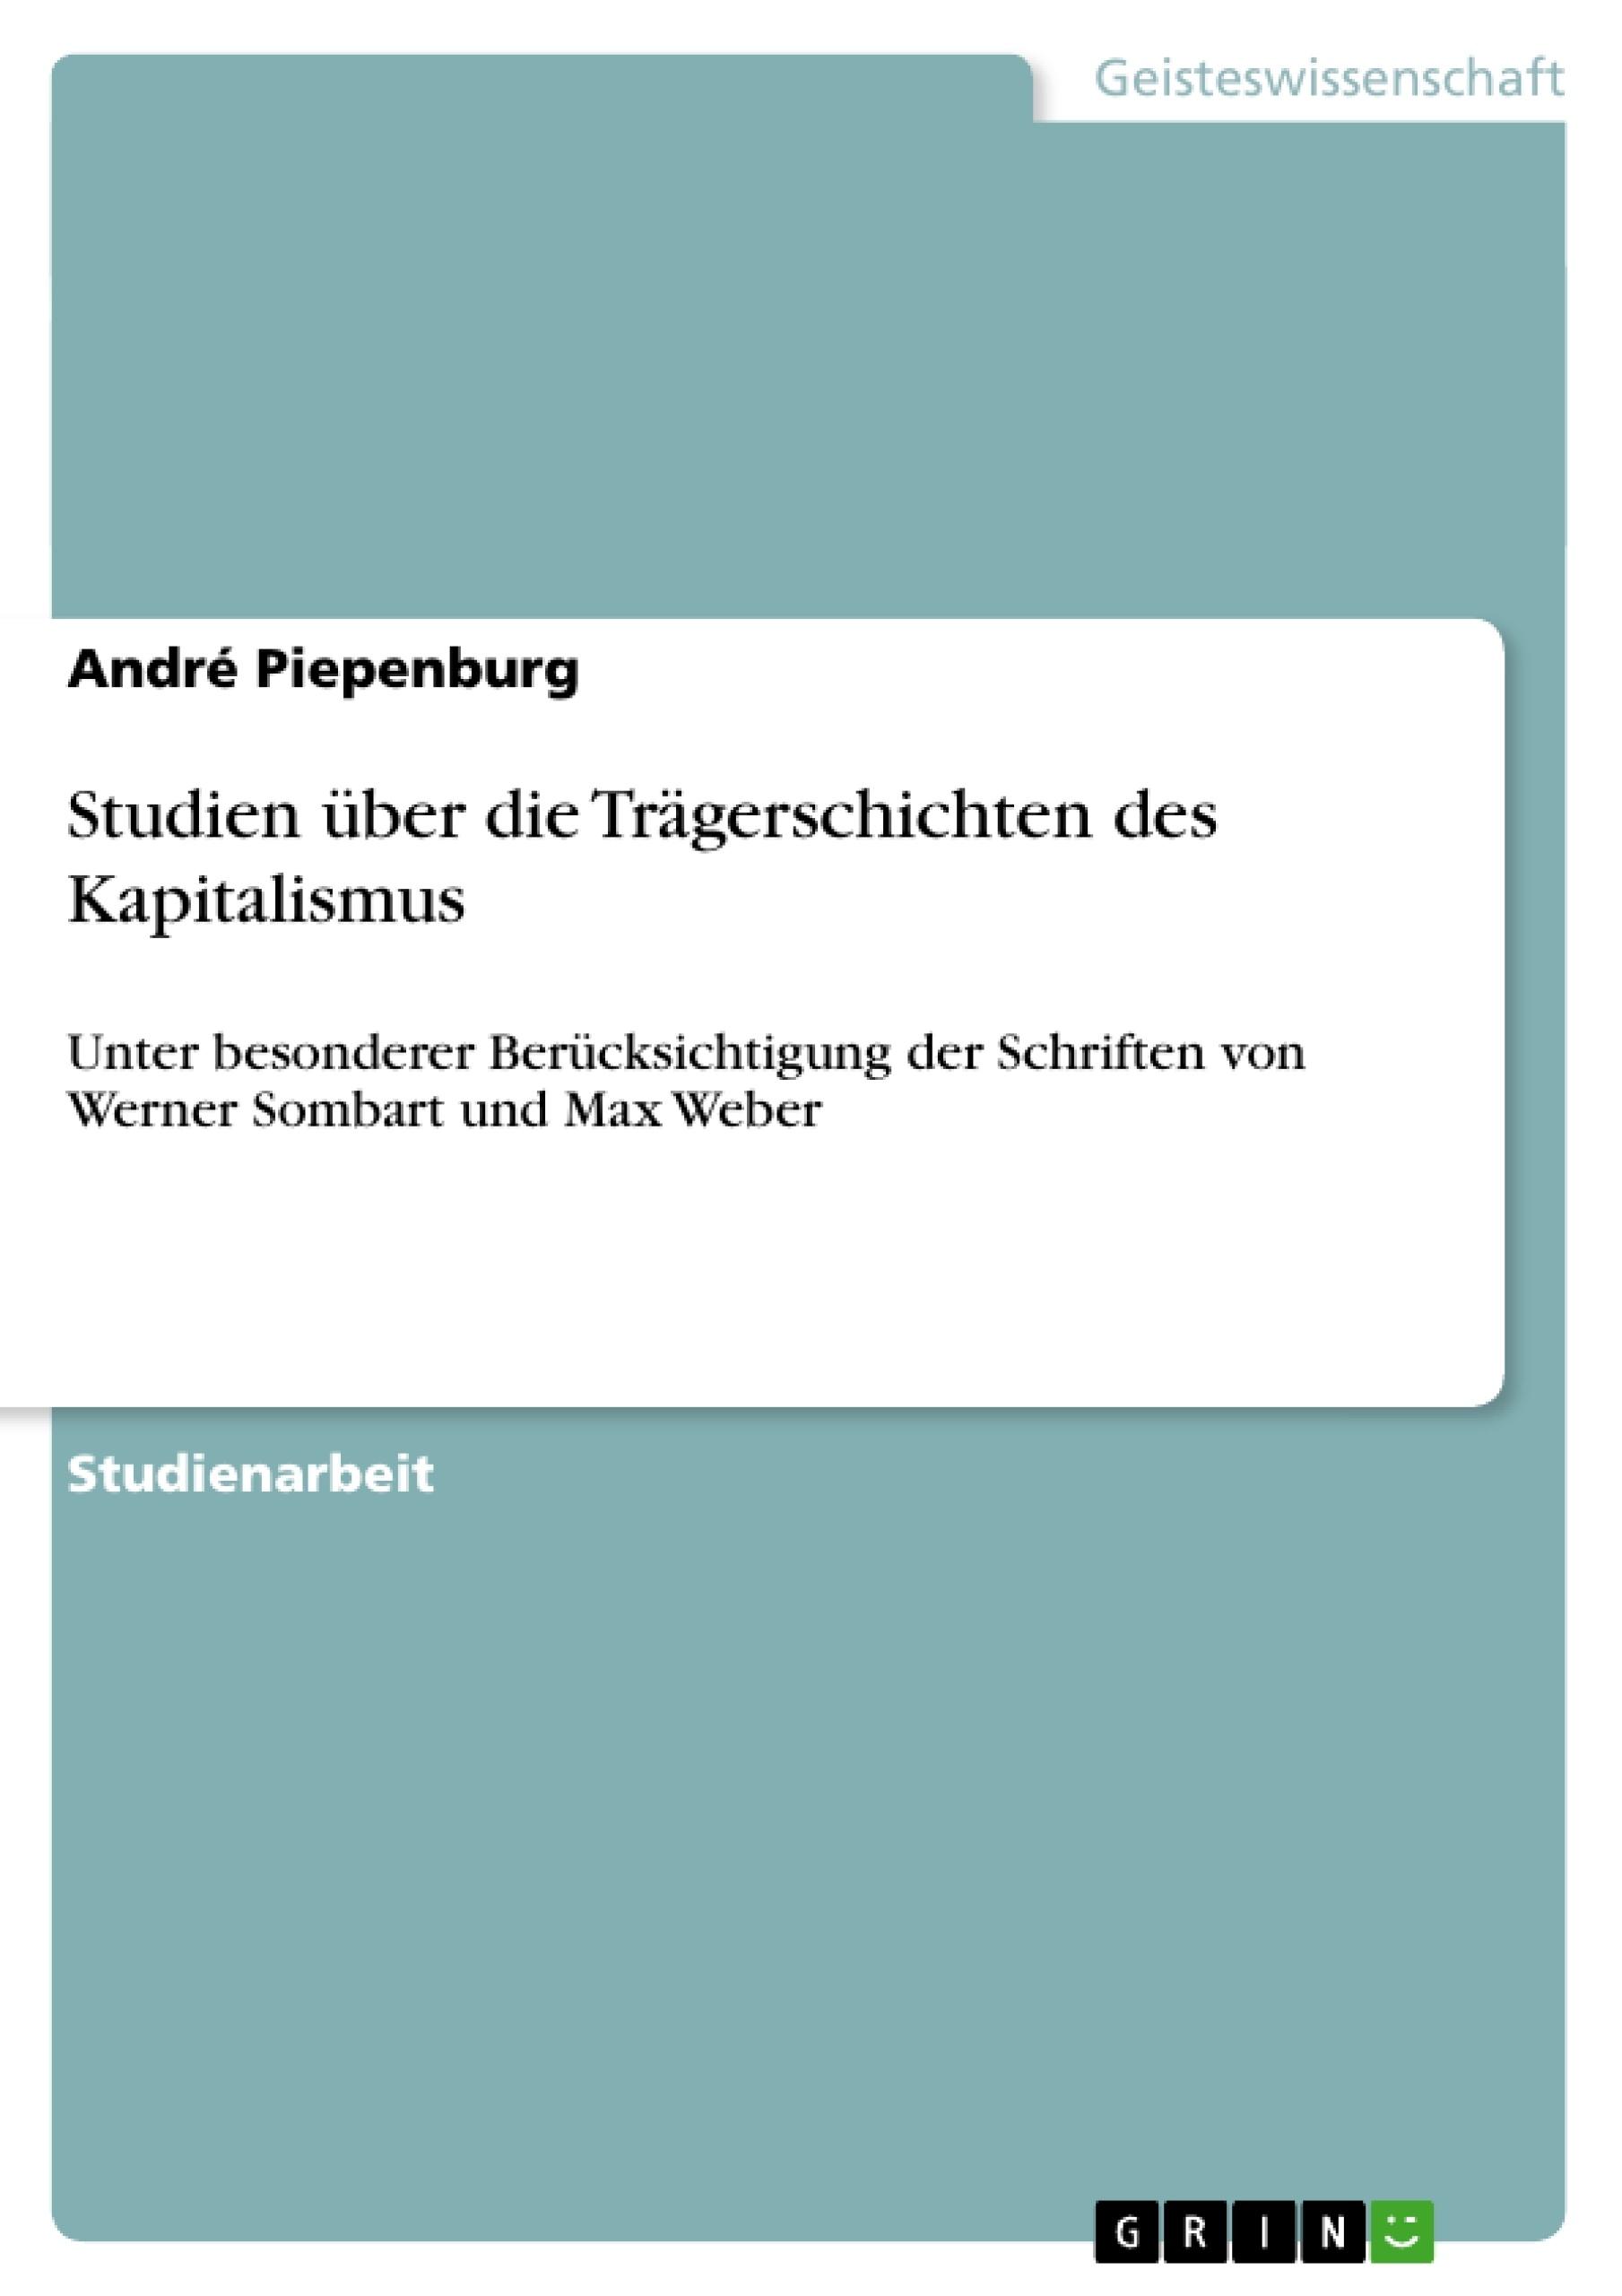 Titel: Studien über die Trägerschichten des Kapitalismus